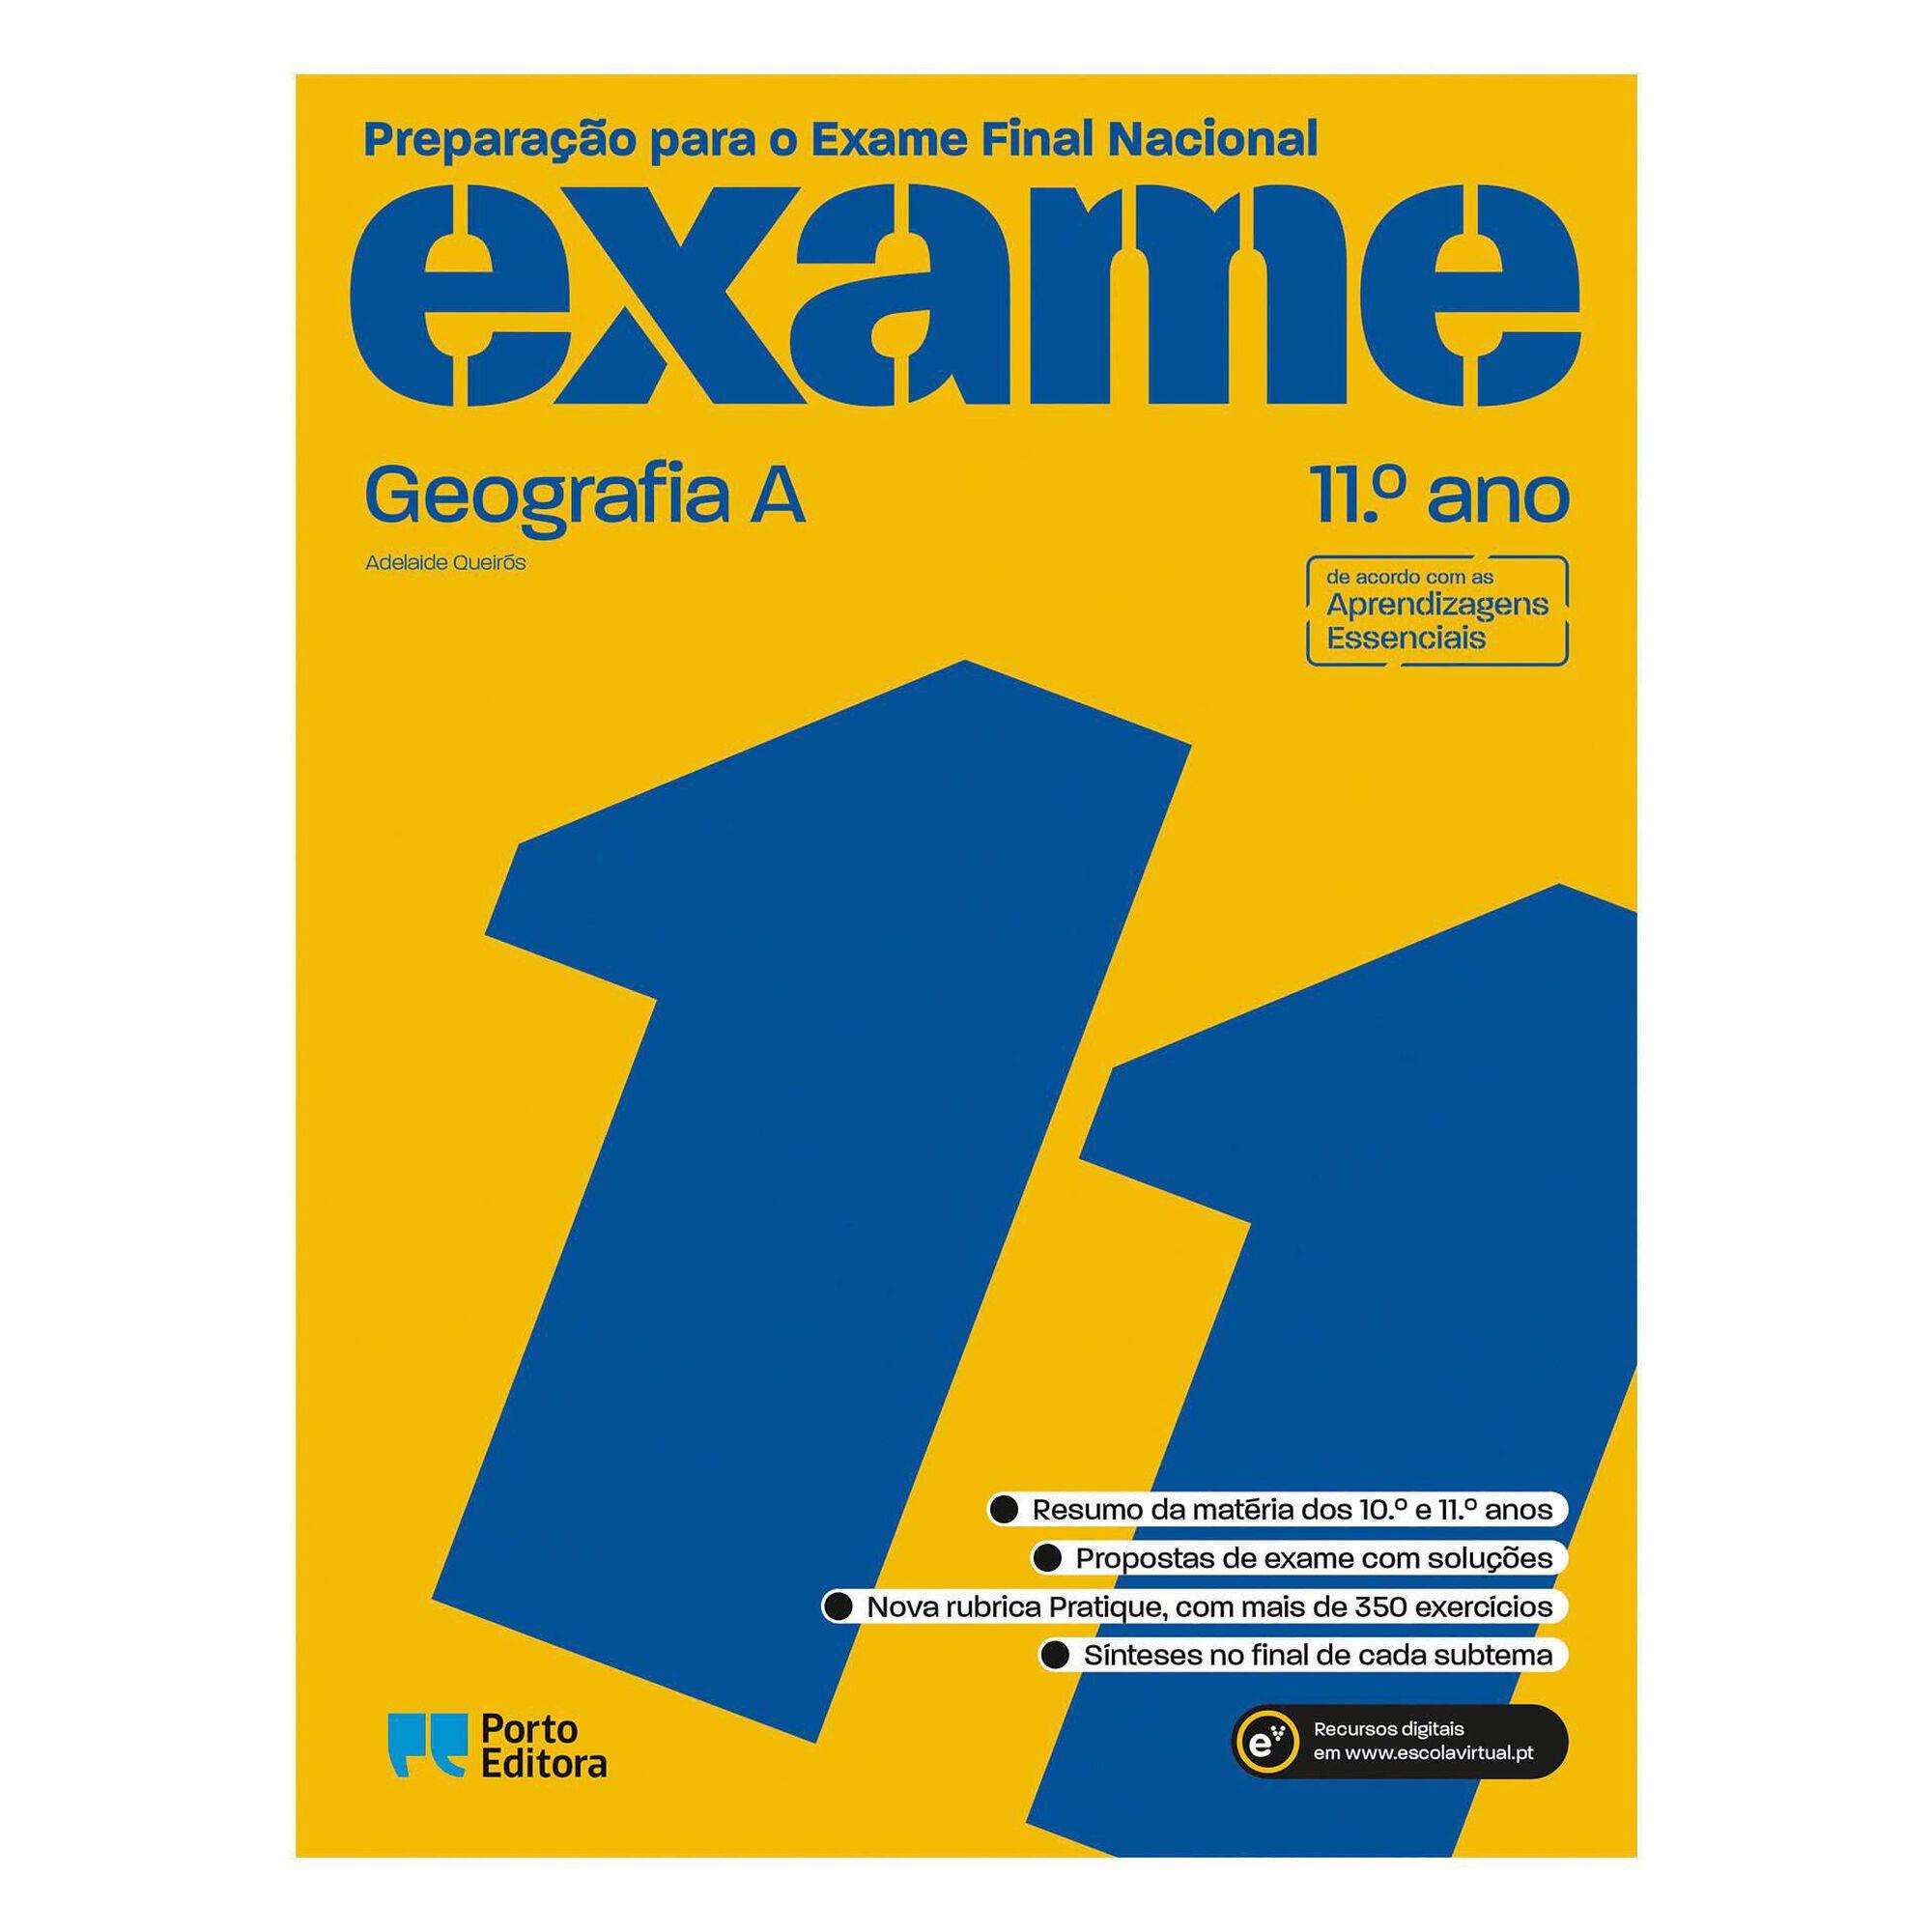 Preparação para o Exame Final Nacional 2021 - Geografia A - 11º Ano